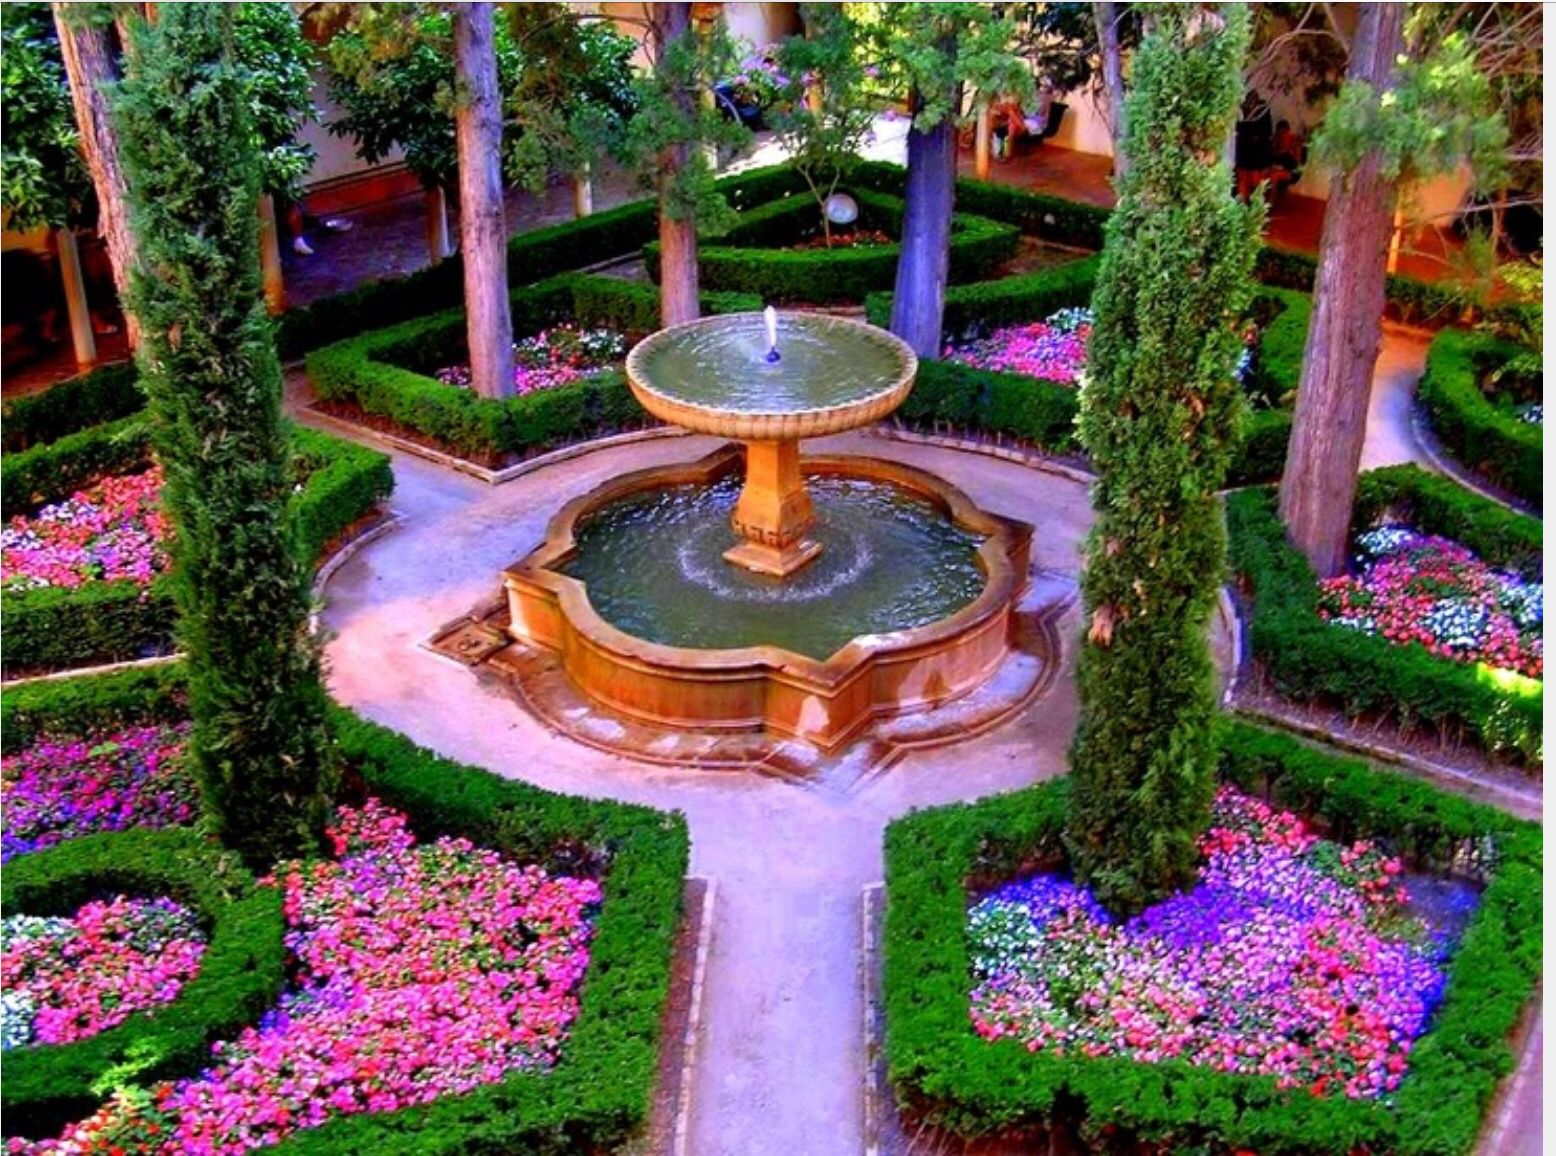 Los jardines en espa a ten an muchas flores con muchas for Colores para afuera de la casa